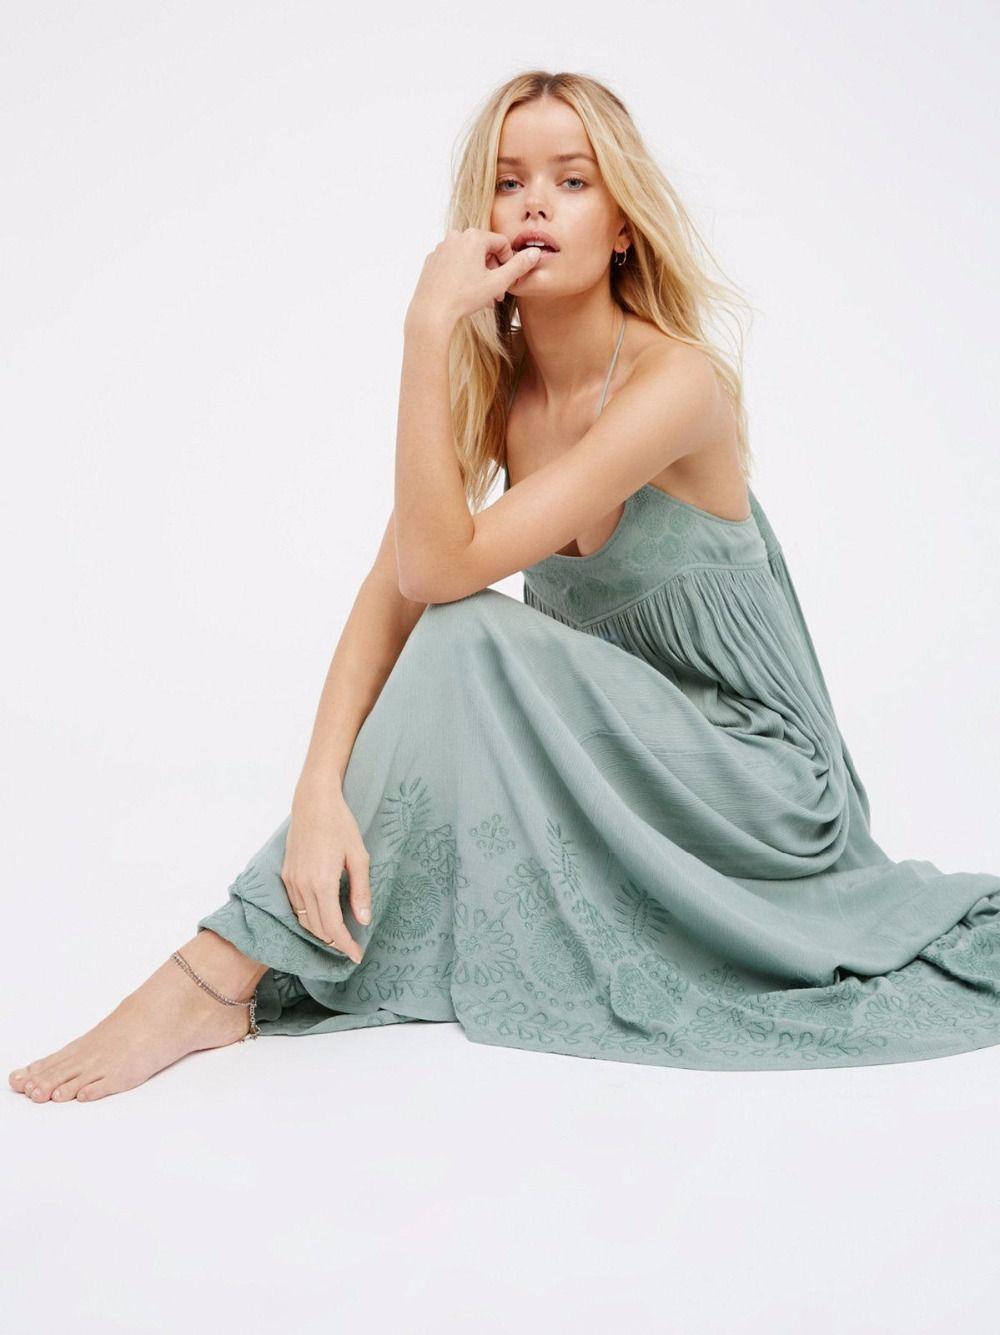 BOHO Rahat Işlemeli Maxi Elbise Spagetti Seksi Backless Uzun Elbise Sallamak Elbise Tatil Plaj Vintage Boho Vestidos Kadın Elbiseler 2019